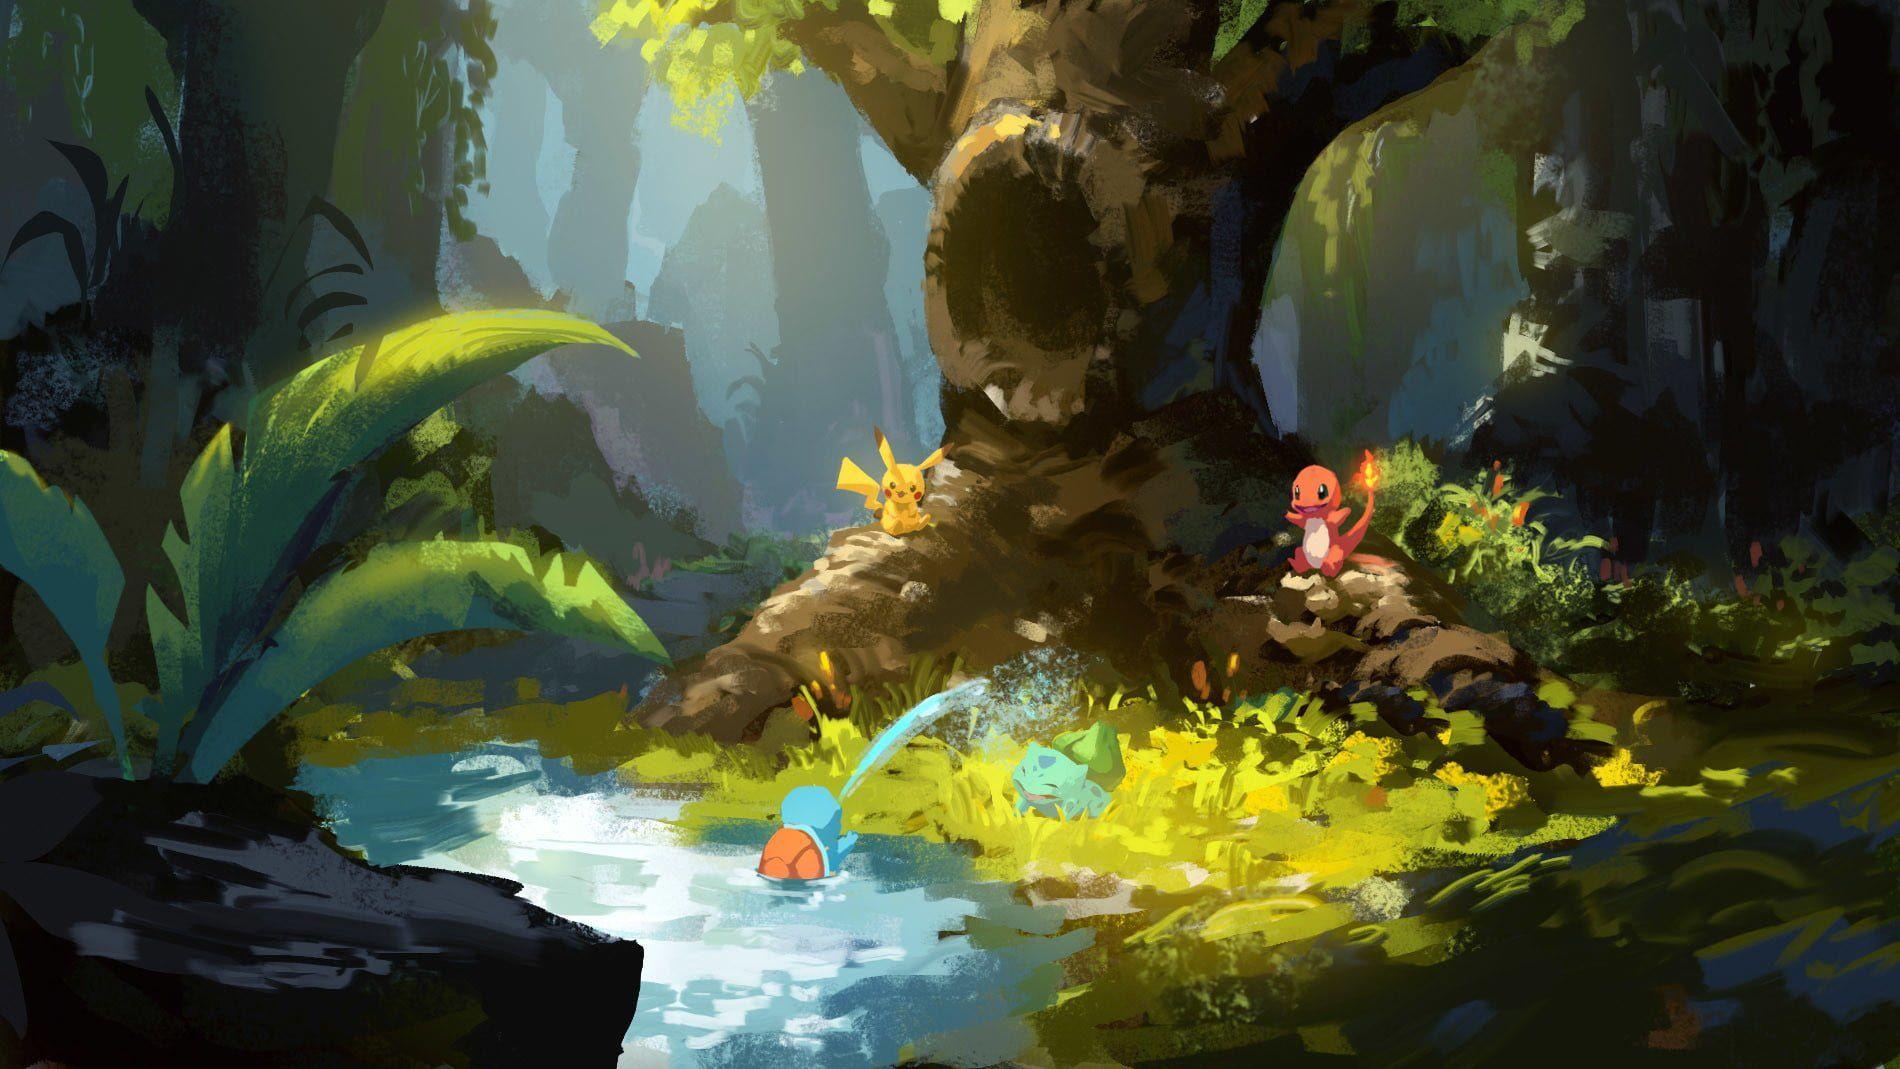 Pokemon Jungle Wallpaper Illyustracii Art Pokemon Iskusstvo